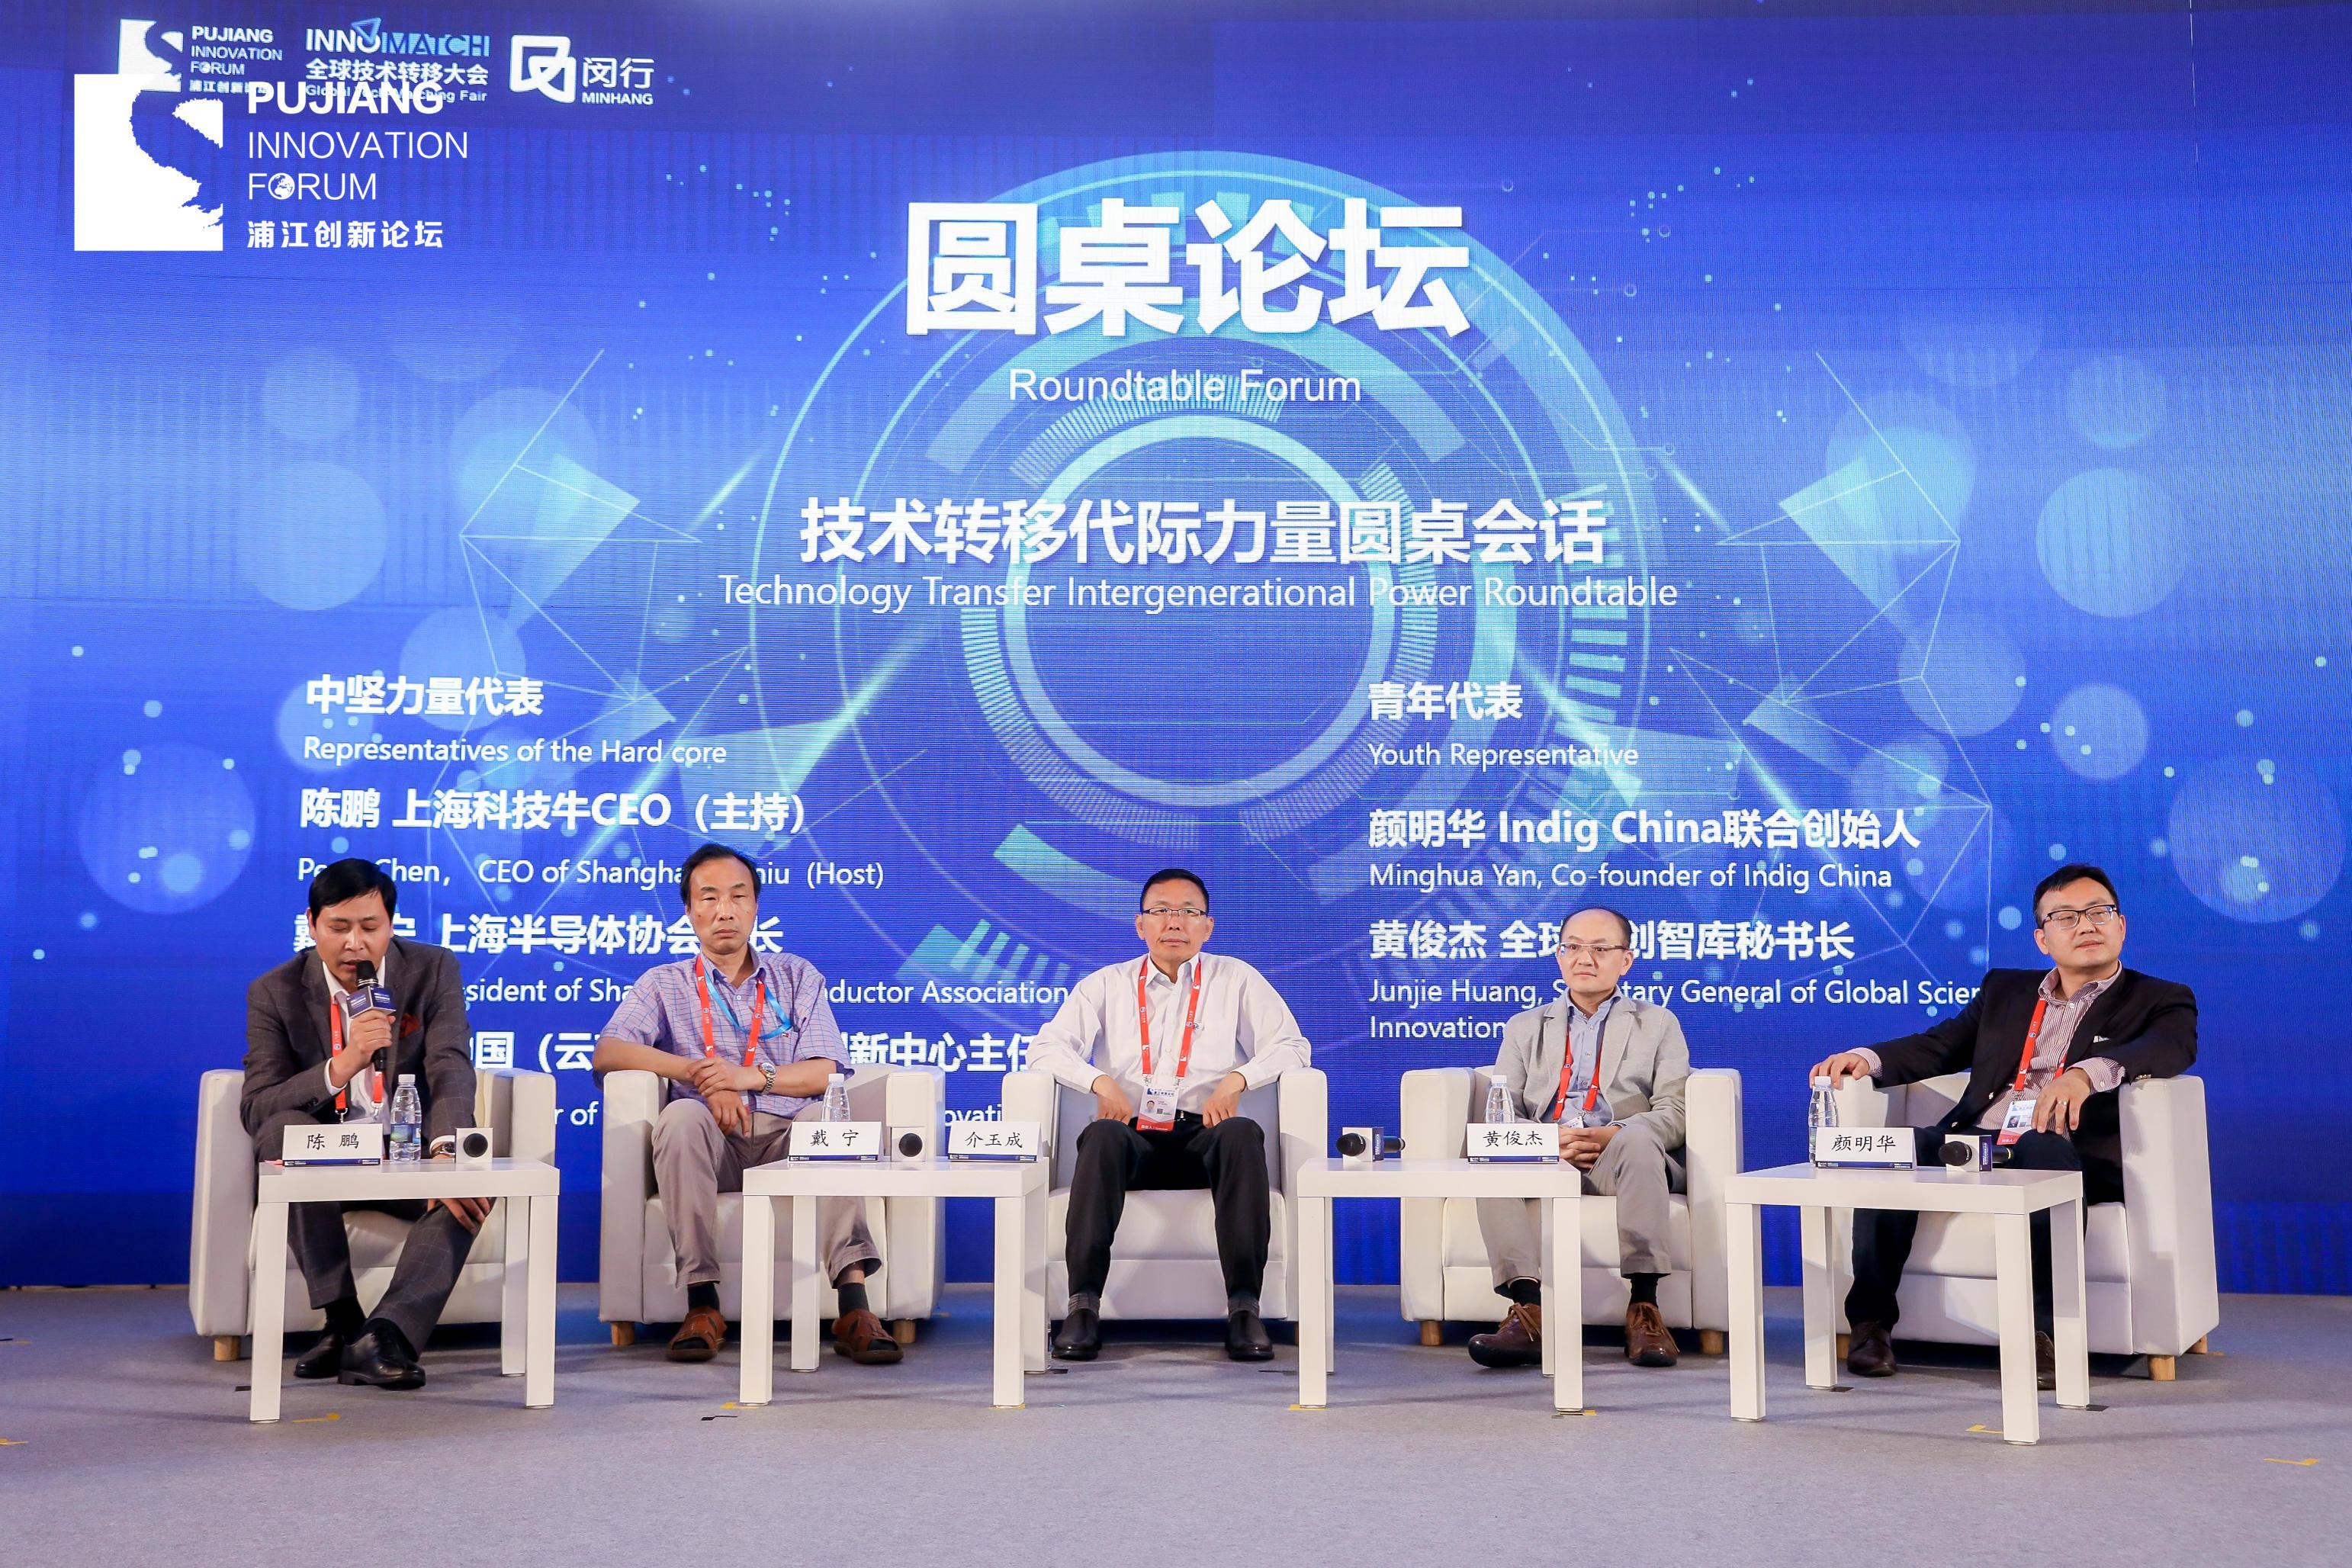 2021全球技术转移大会开幕 全球科创智库秘书长黄俊杰出席高峰论坛